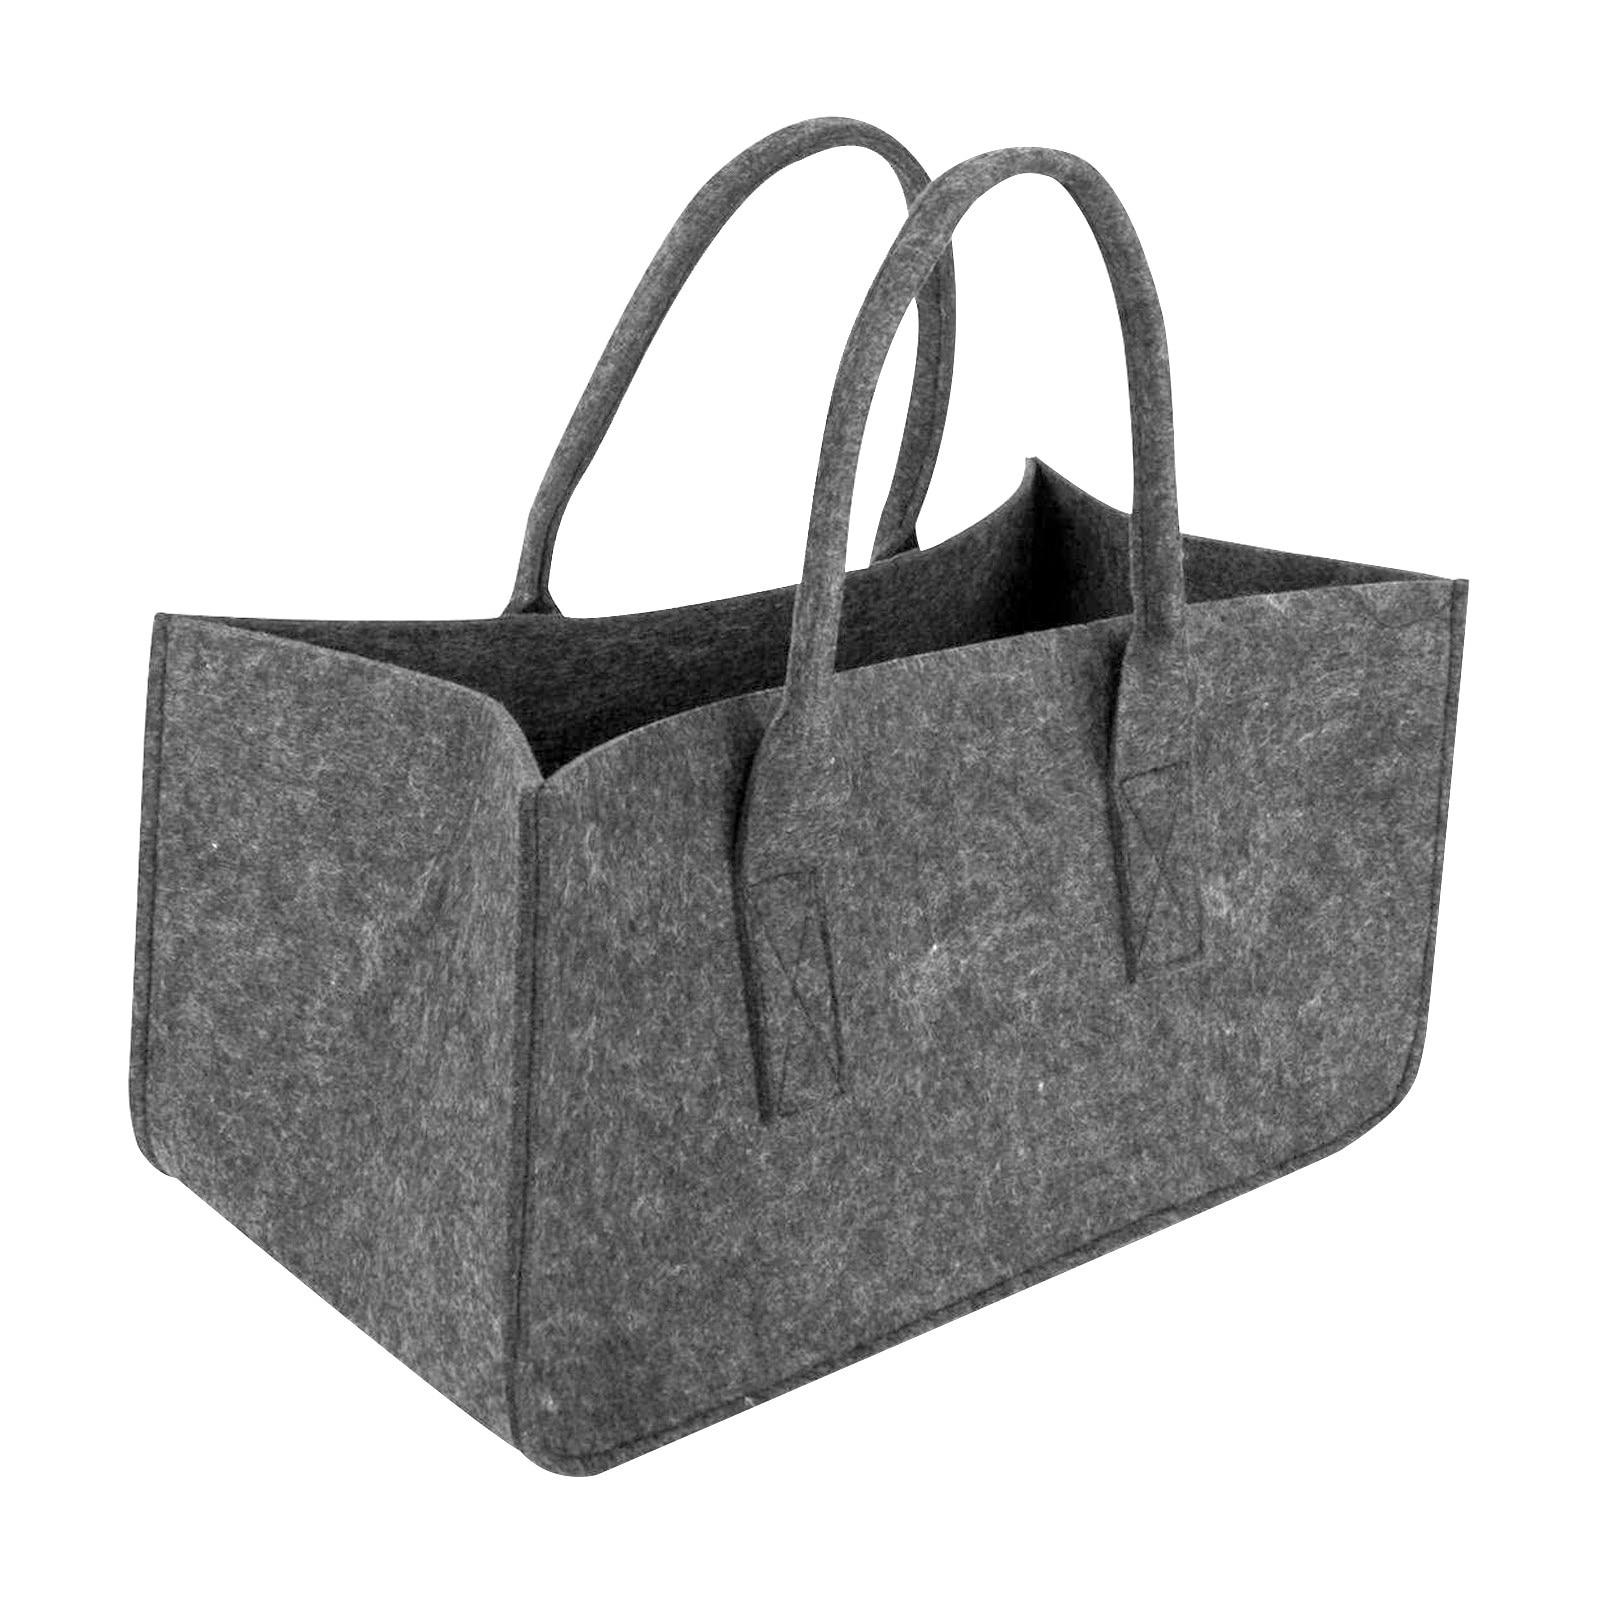 Сумка 4 #, темно-серая сумка для хранения дров, стойка для газет, корзина для газет, фетровая сумка большой вместимости, сумка для покупок, сум...